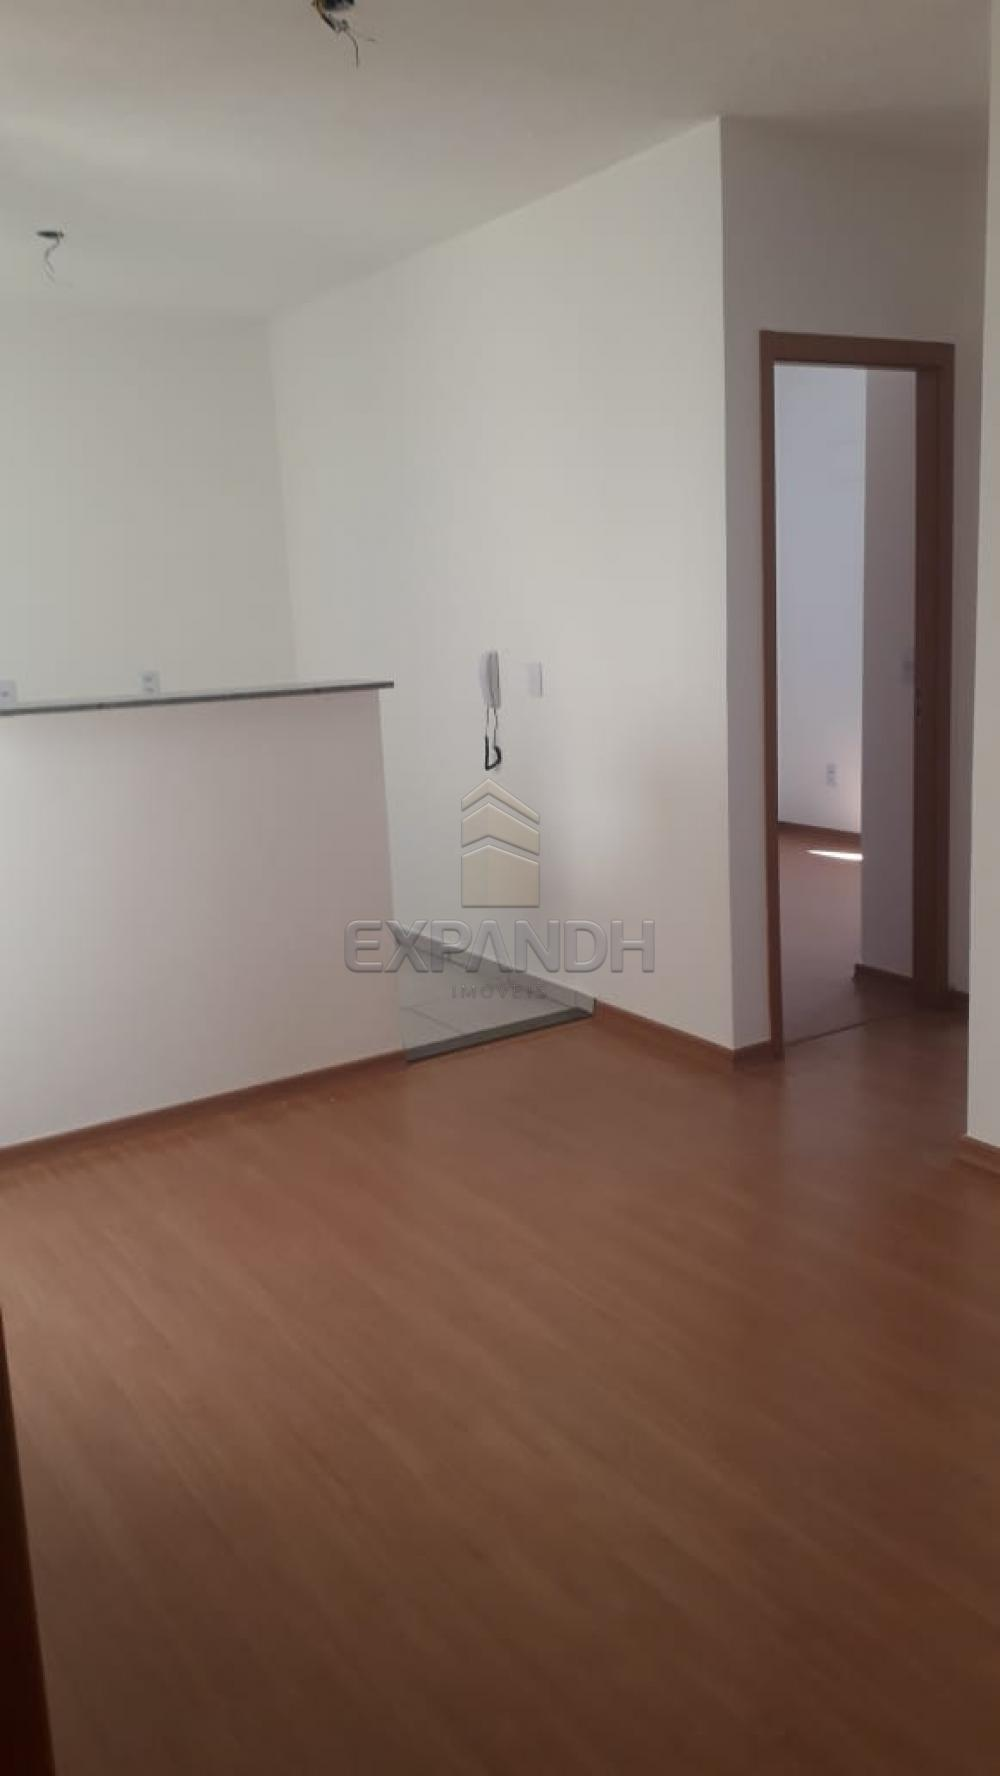 Comprar Apartamentos / Padrão em Sertãozinho apenas R$ 138.900,00 - Foto 17